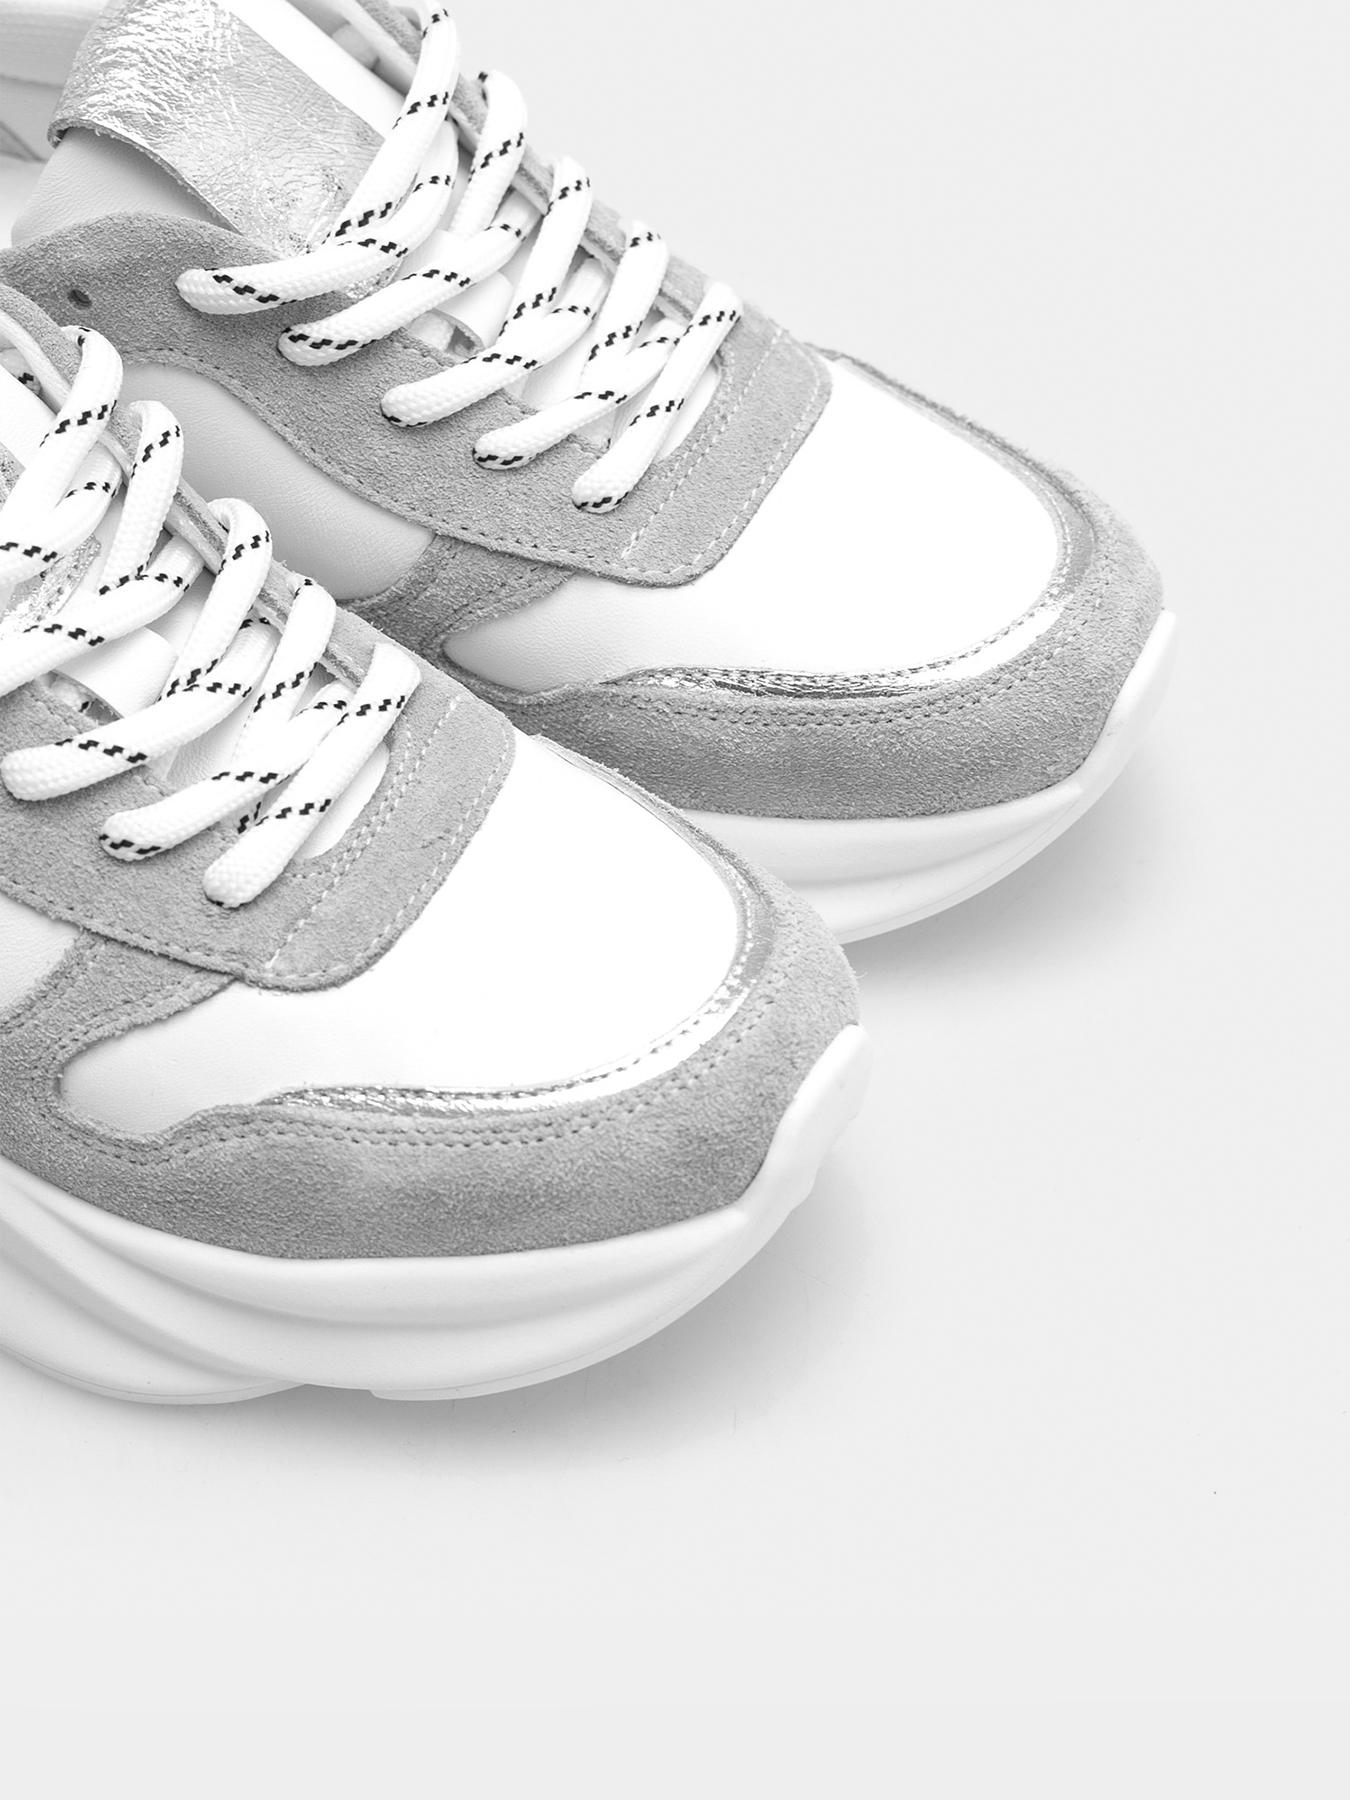 Кросівки  для жінок Кроссовки 01011-Tsir белая кожа, серый замш 01011-Tsir дивитися, 2017